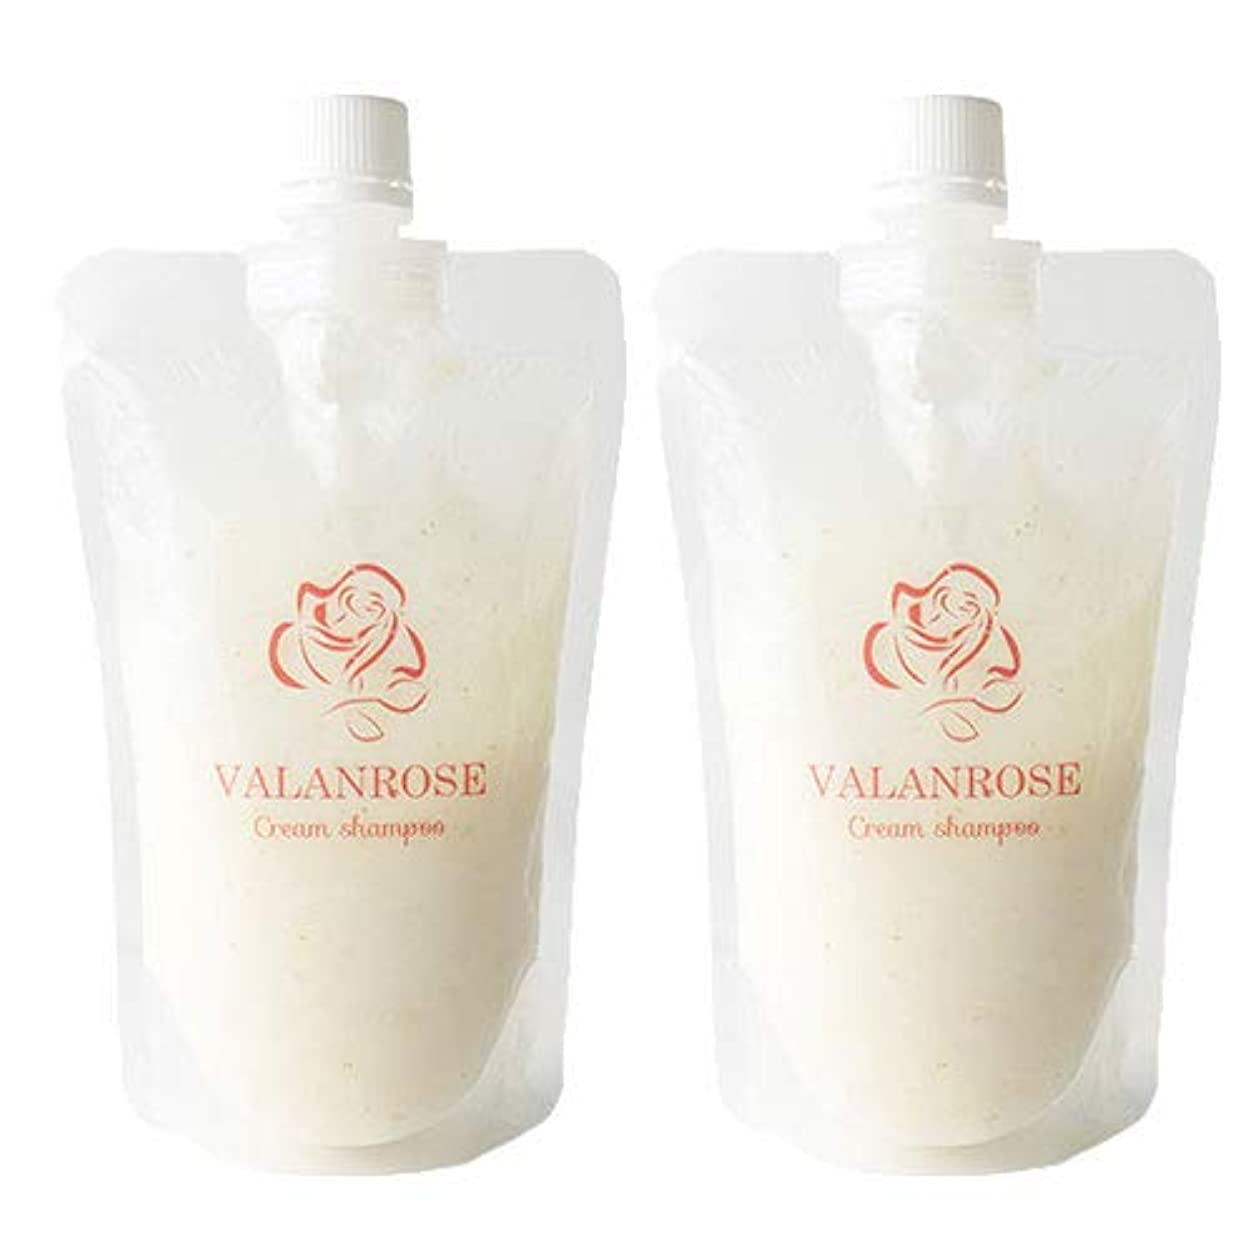 置き場気がついて悪化させるバランローズ クリームシャンプー2個×1セット VALANROSE Cream shampoo/シャンプー クリームシャンプー 髪 ヘアケア